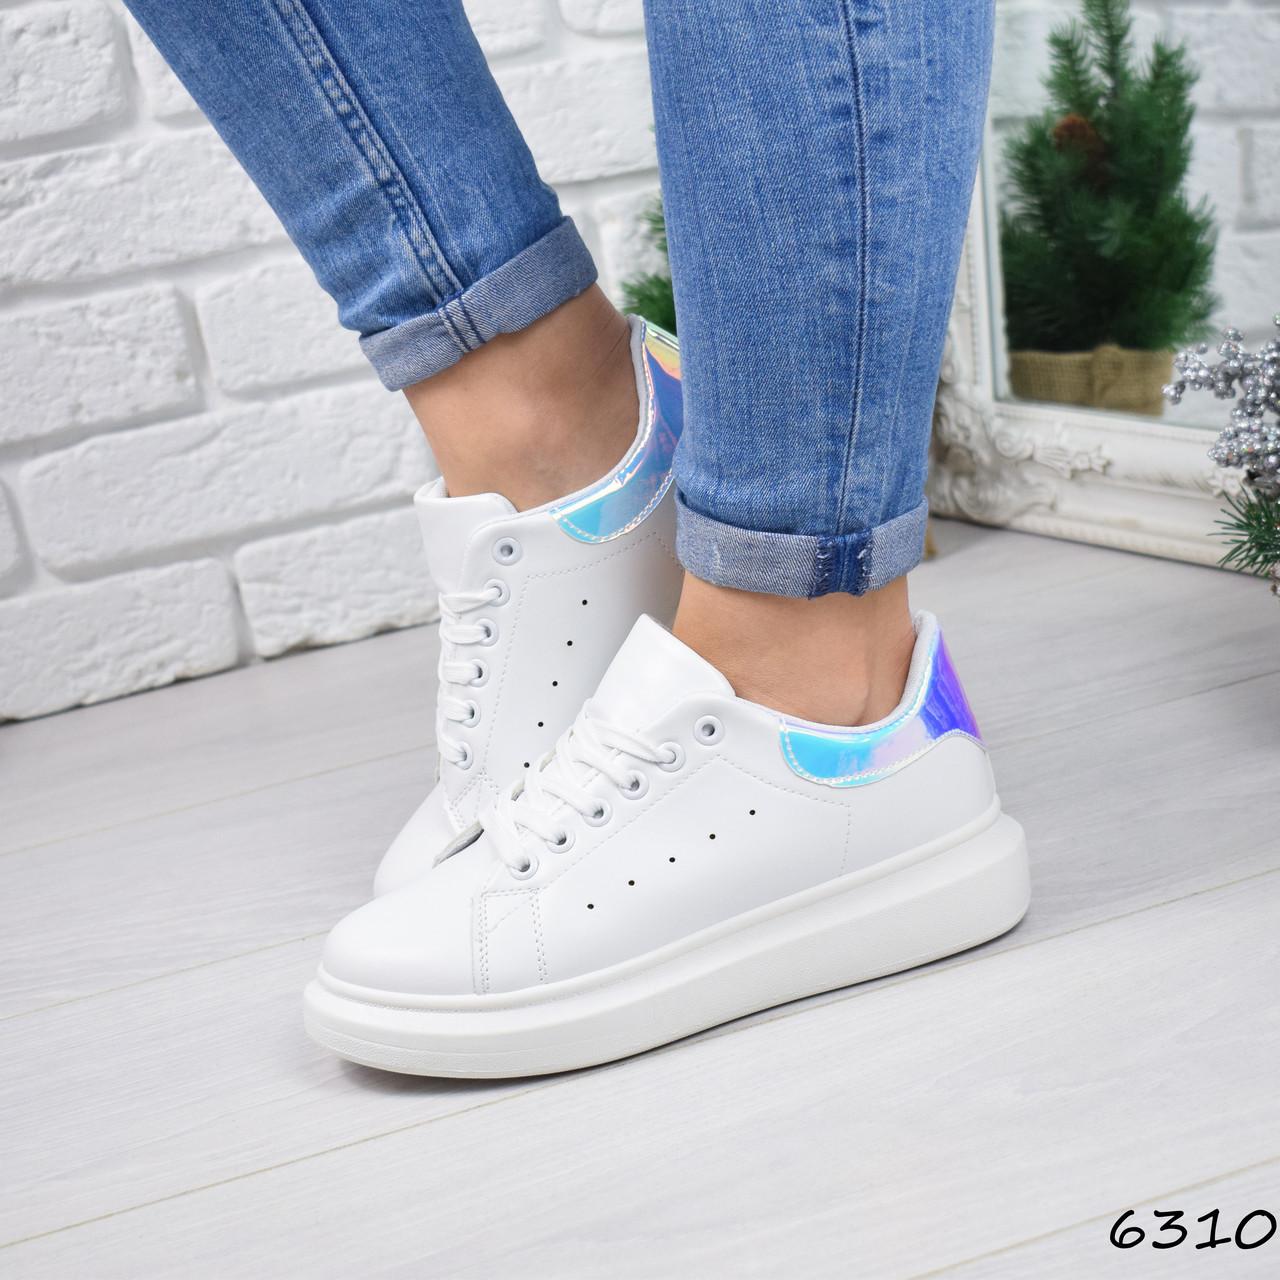 70673cb8 Кроссовки женские Fresh белый + мульти 6310, спортивная обувь ...